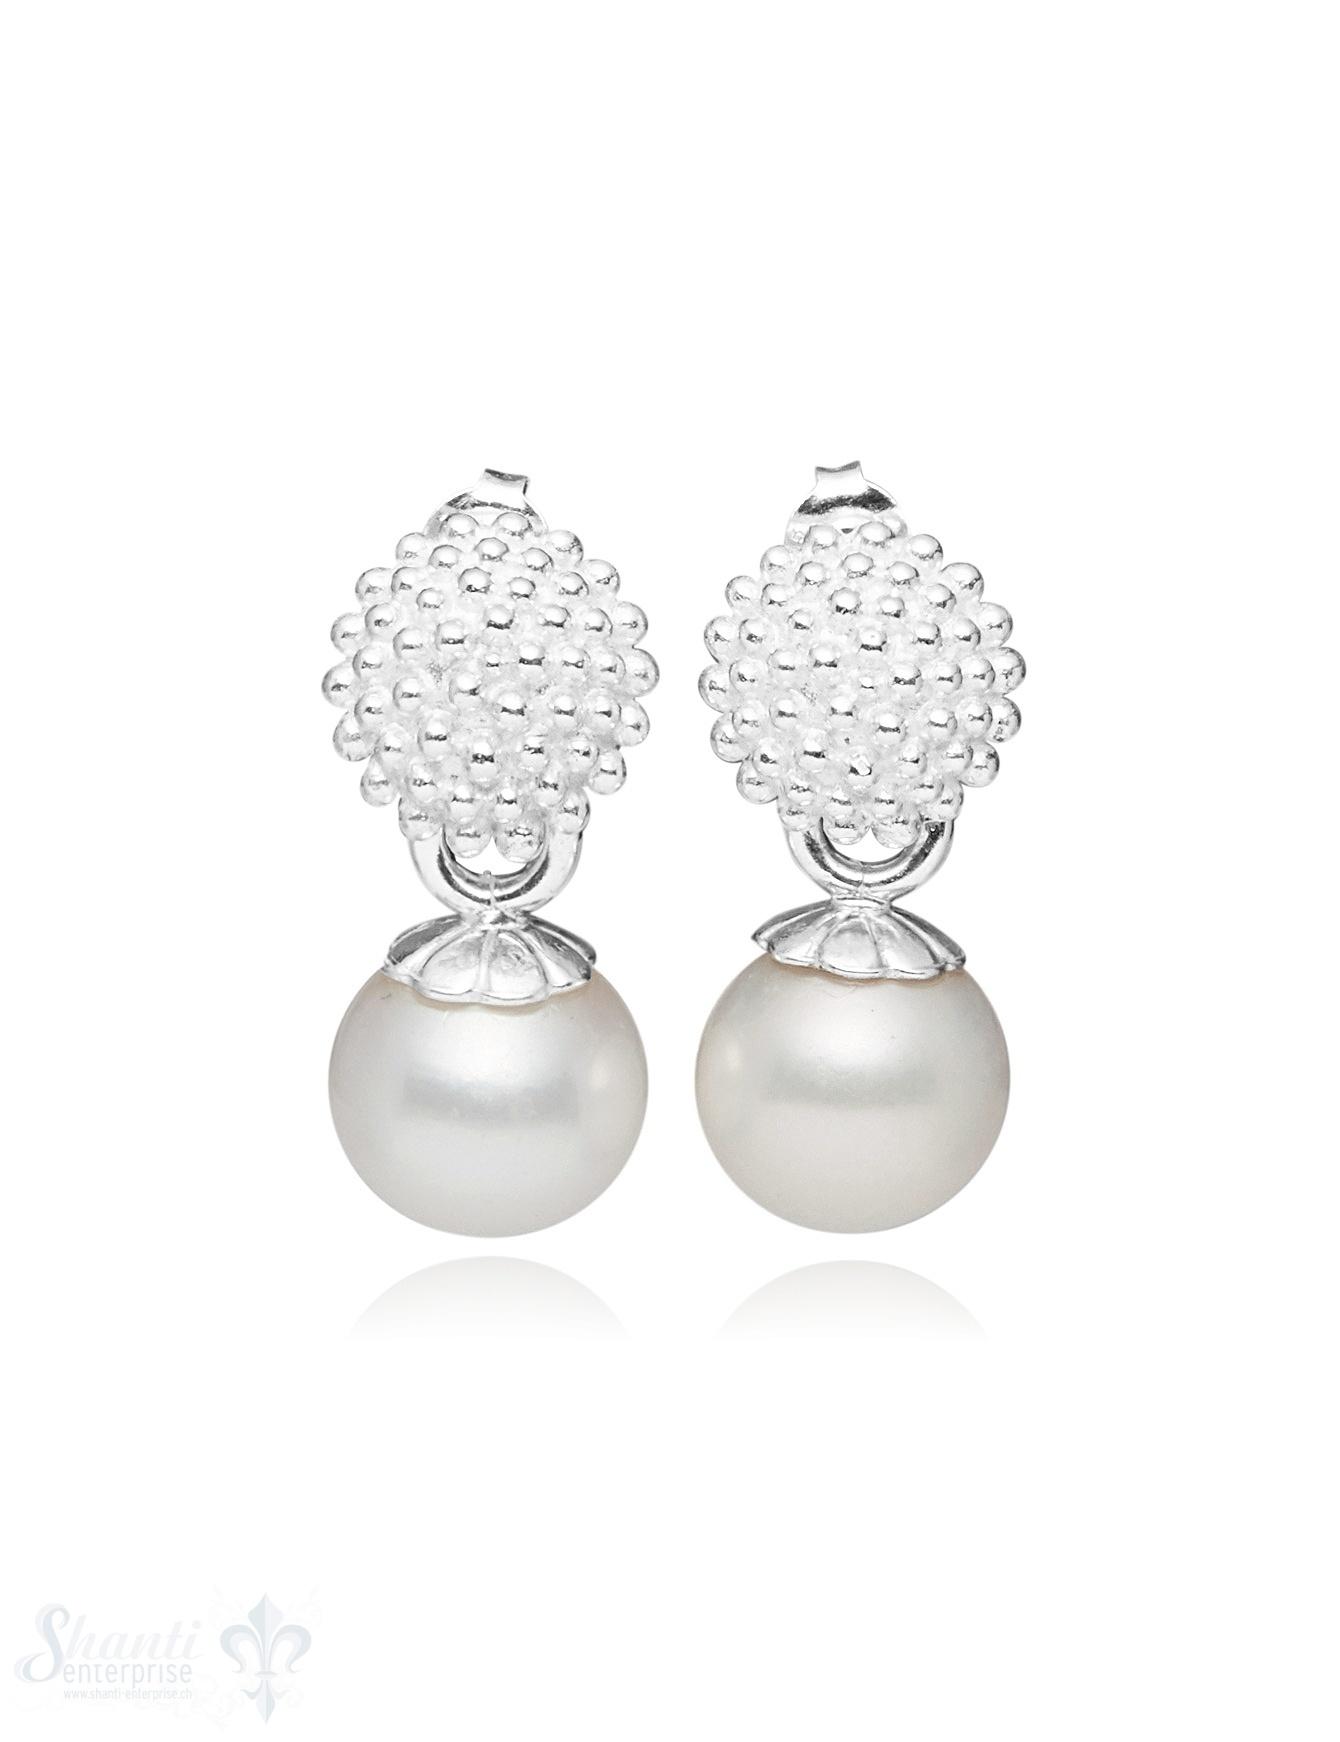 Ohrstecker Silber Fassung gegepunktet Perle weiss